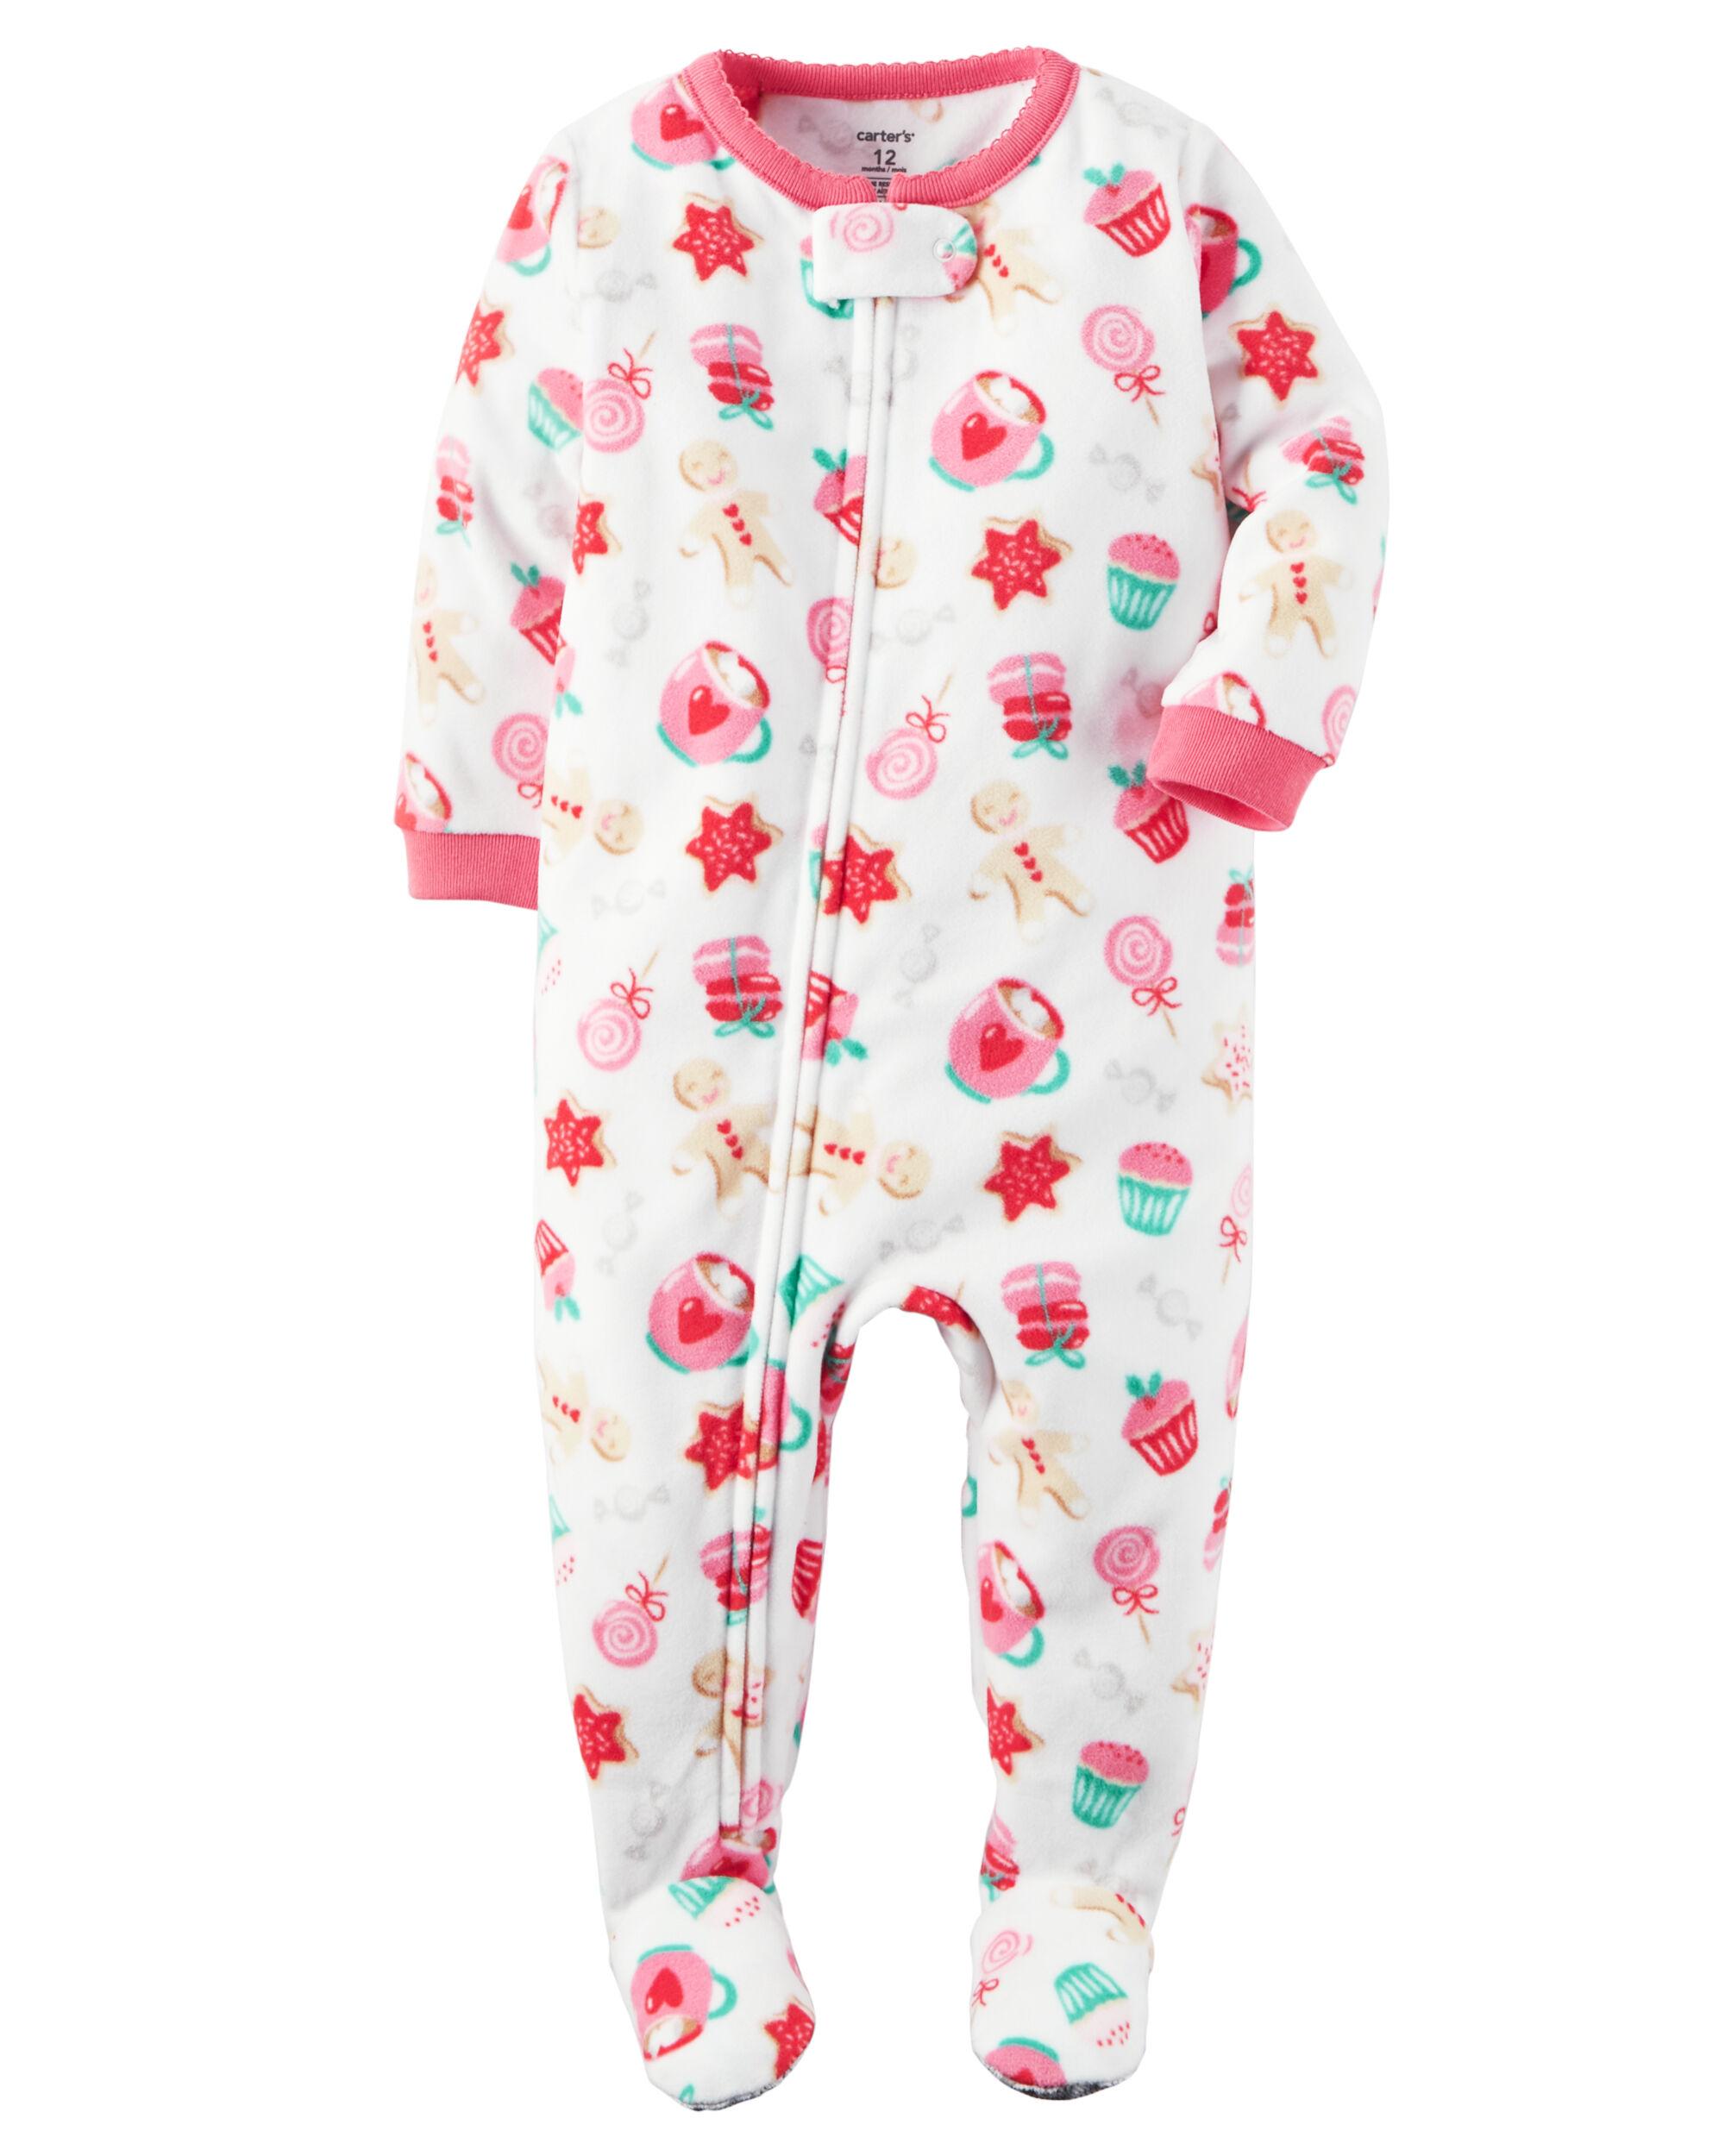 1-Piece Fleece Christmas PJs   Carters.com